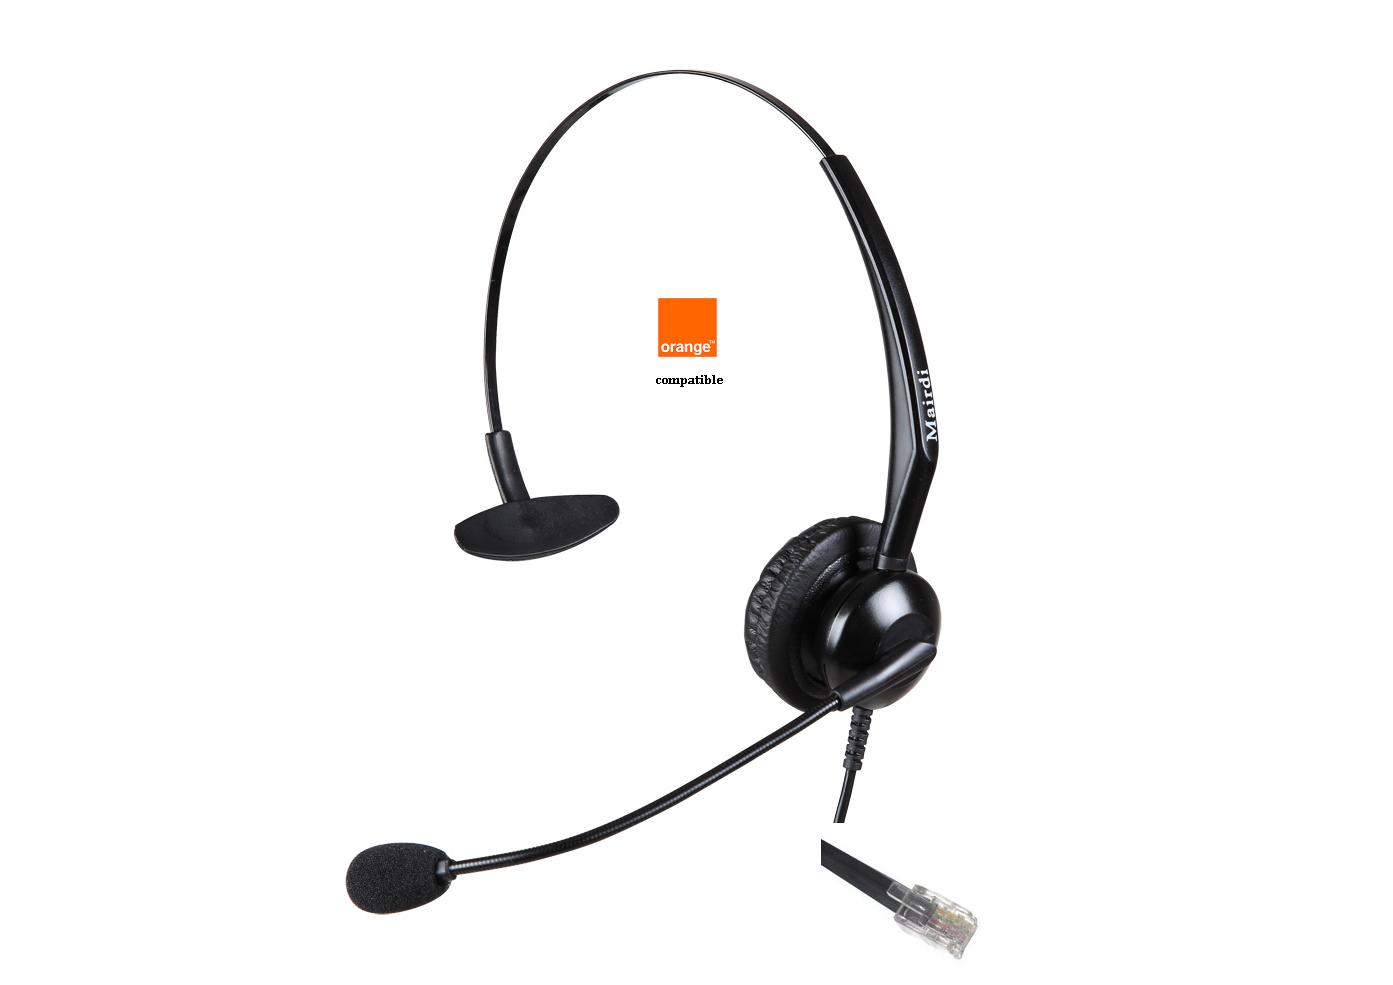 -Cascos Específicos para Telefonos GSM Orange RJ9